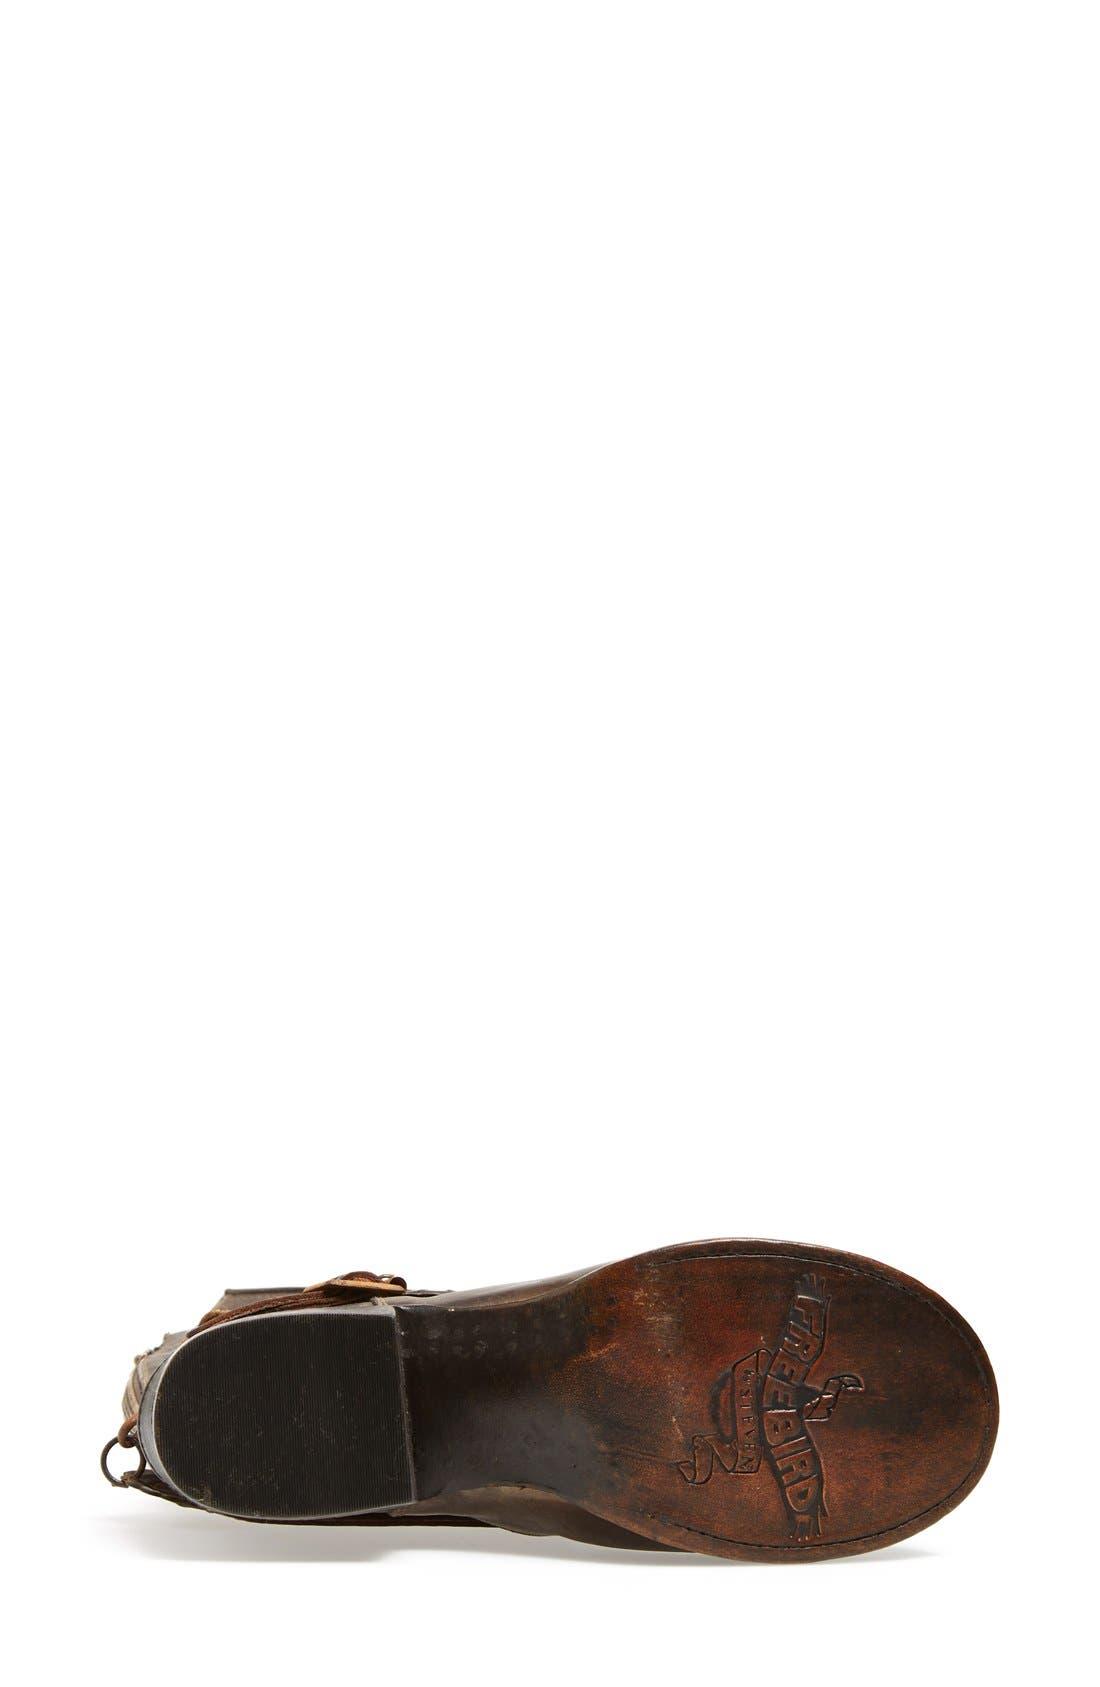 Alternate Image 4  - Freebird by Steven Western Leather Boot (Women)